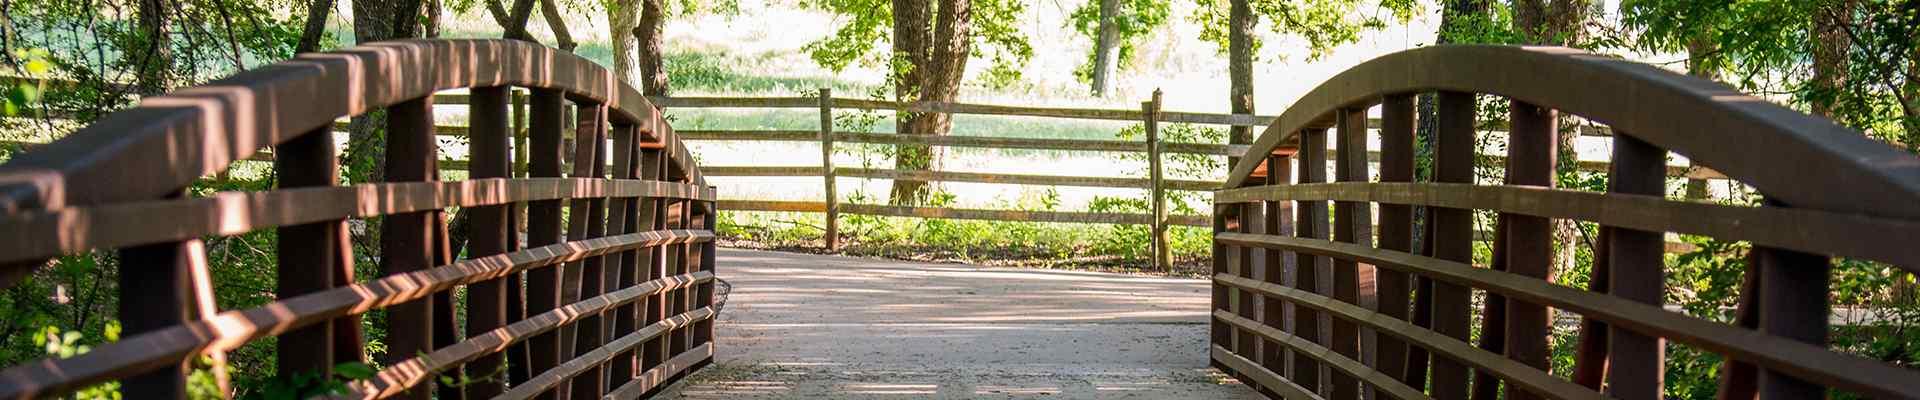 a little bridge in keller texas